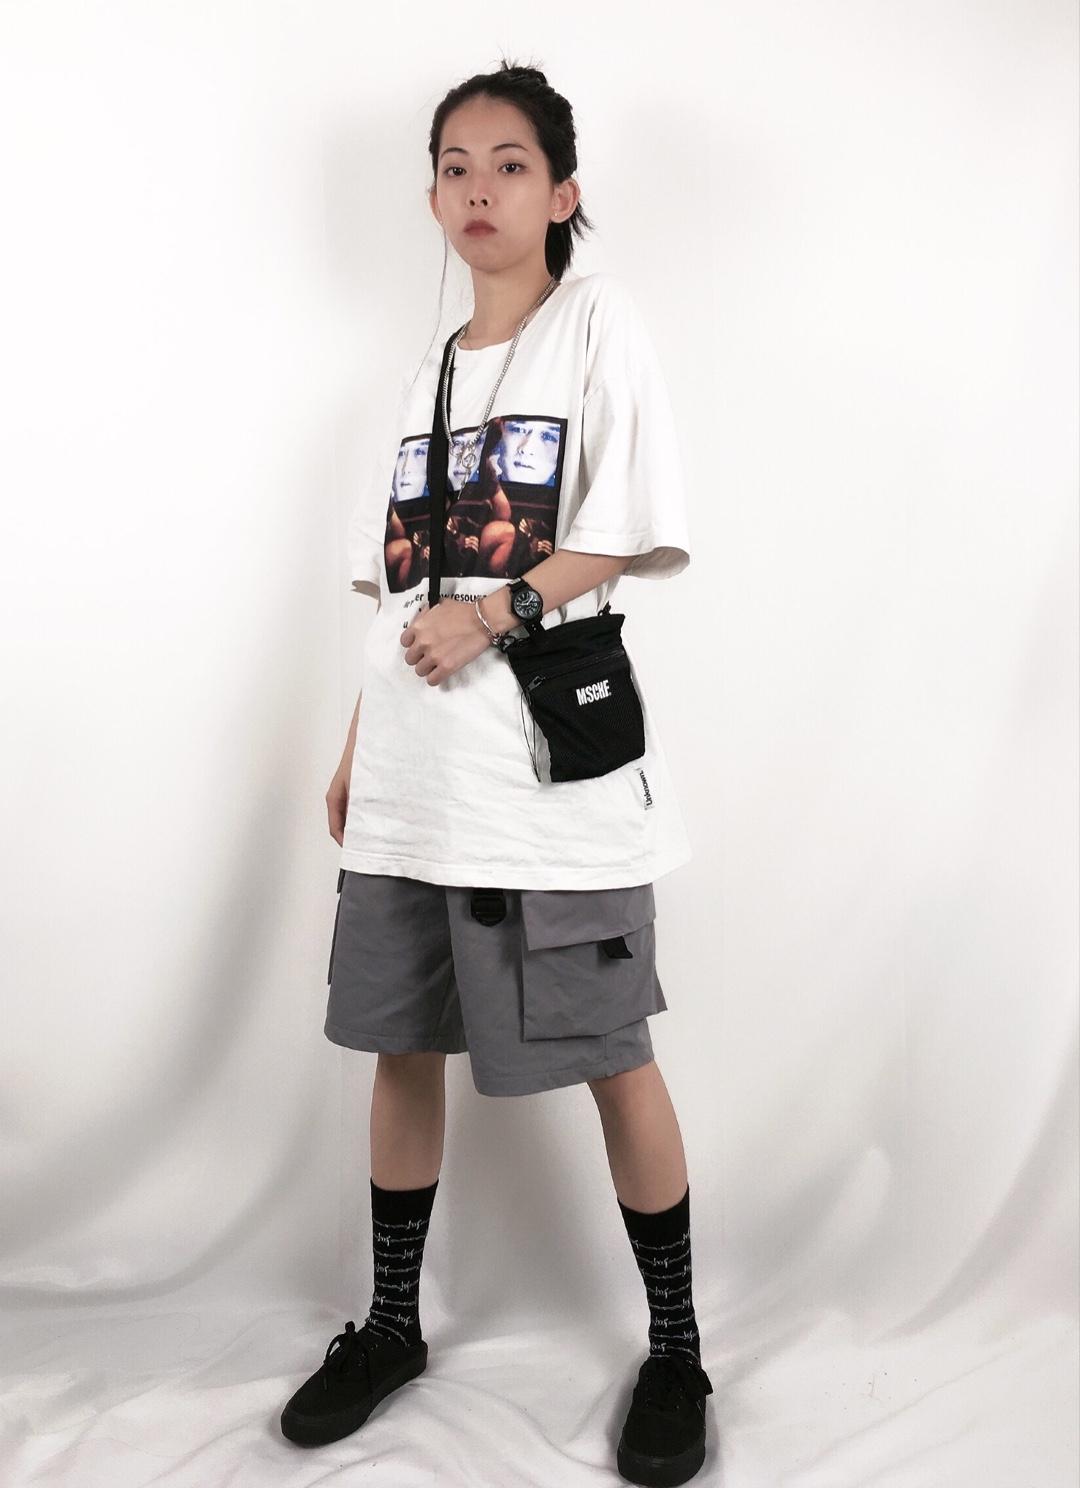 #分享T恤的100种穿法# 🖤ash穿搭分享🖤 上衣 :Unbreakable        裤子 :工装五分裤实体入 斜挎包:MSCHE 袜子:食钓 鞋子:vans黑武士 全身偏可运动风为主 个人比较喜欢这样穿搭 因为真的很舒服 但是建议矮个子的女孩纸要买M码的👔 衣服上的印花也是深得我心 面料也超舒服~ 斜挎包与鞋子色调相呼应 还有袜子荆刺图案也超好看 整体是很简单的搭配 白色t+灰色工装五分裤的日常穿搭 给人休闲又大方活力的感觉